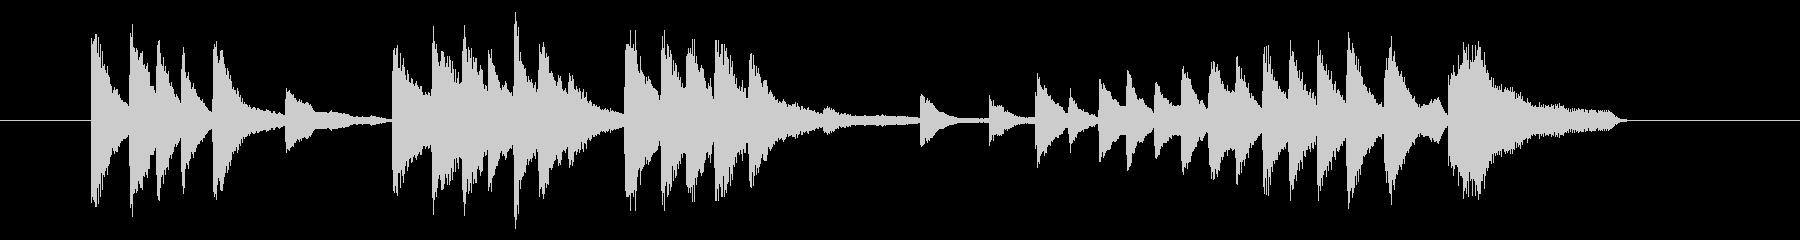 40秒のピアノ曲です。短歌などに見られ…の未再生の波形